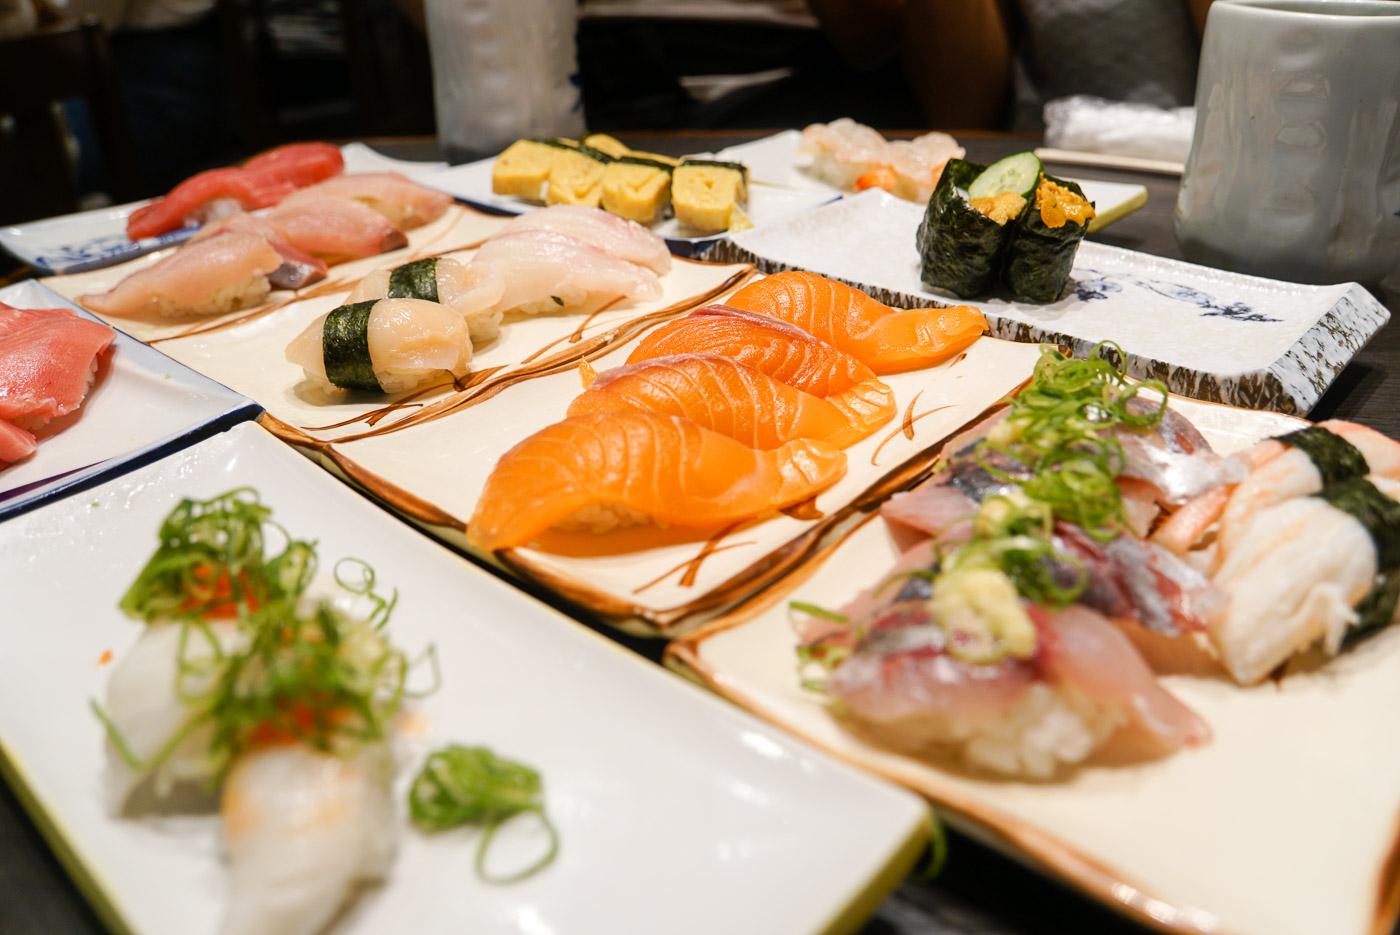 osaka-sushi-sony-α6300-review-3